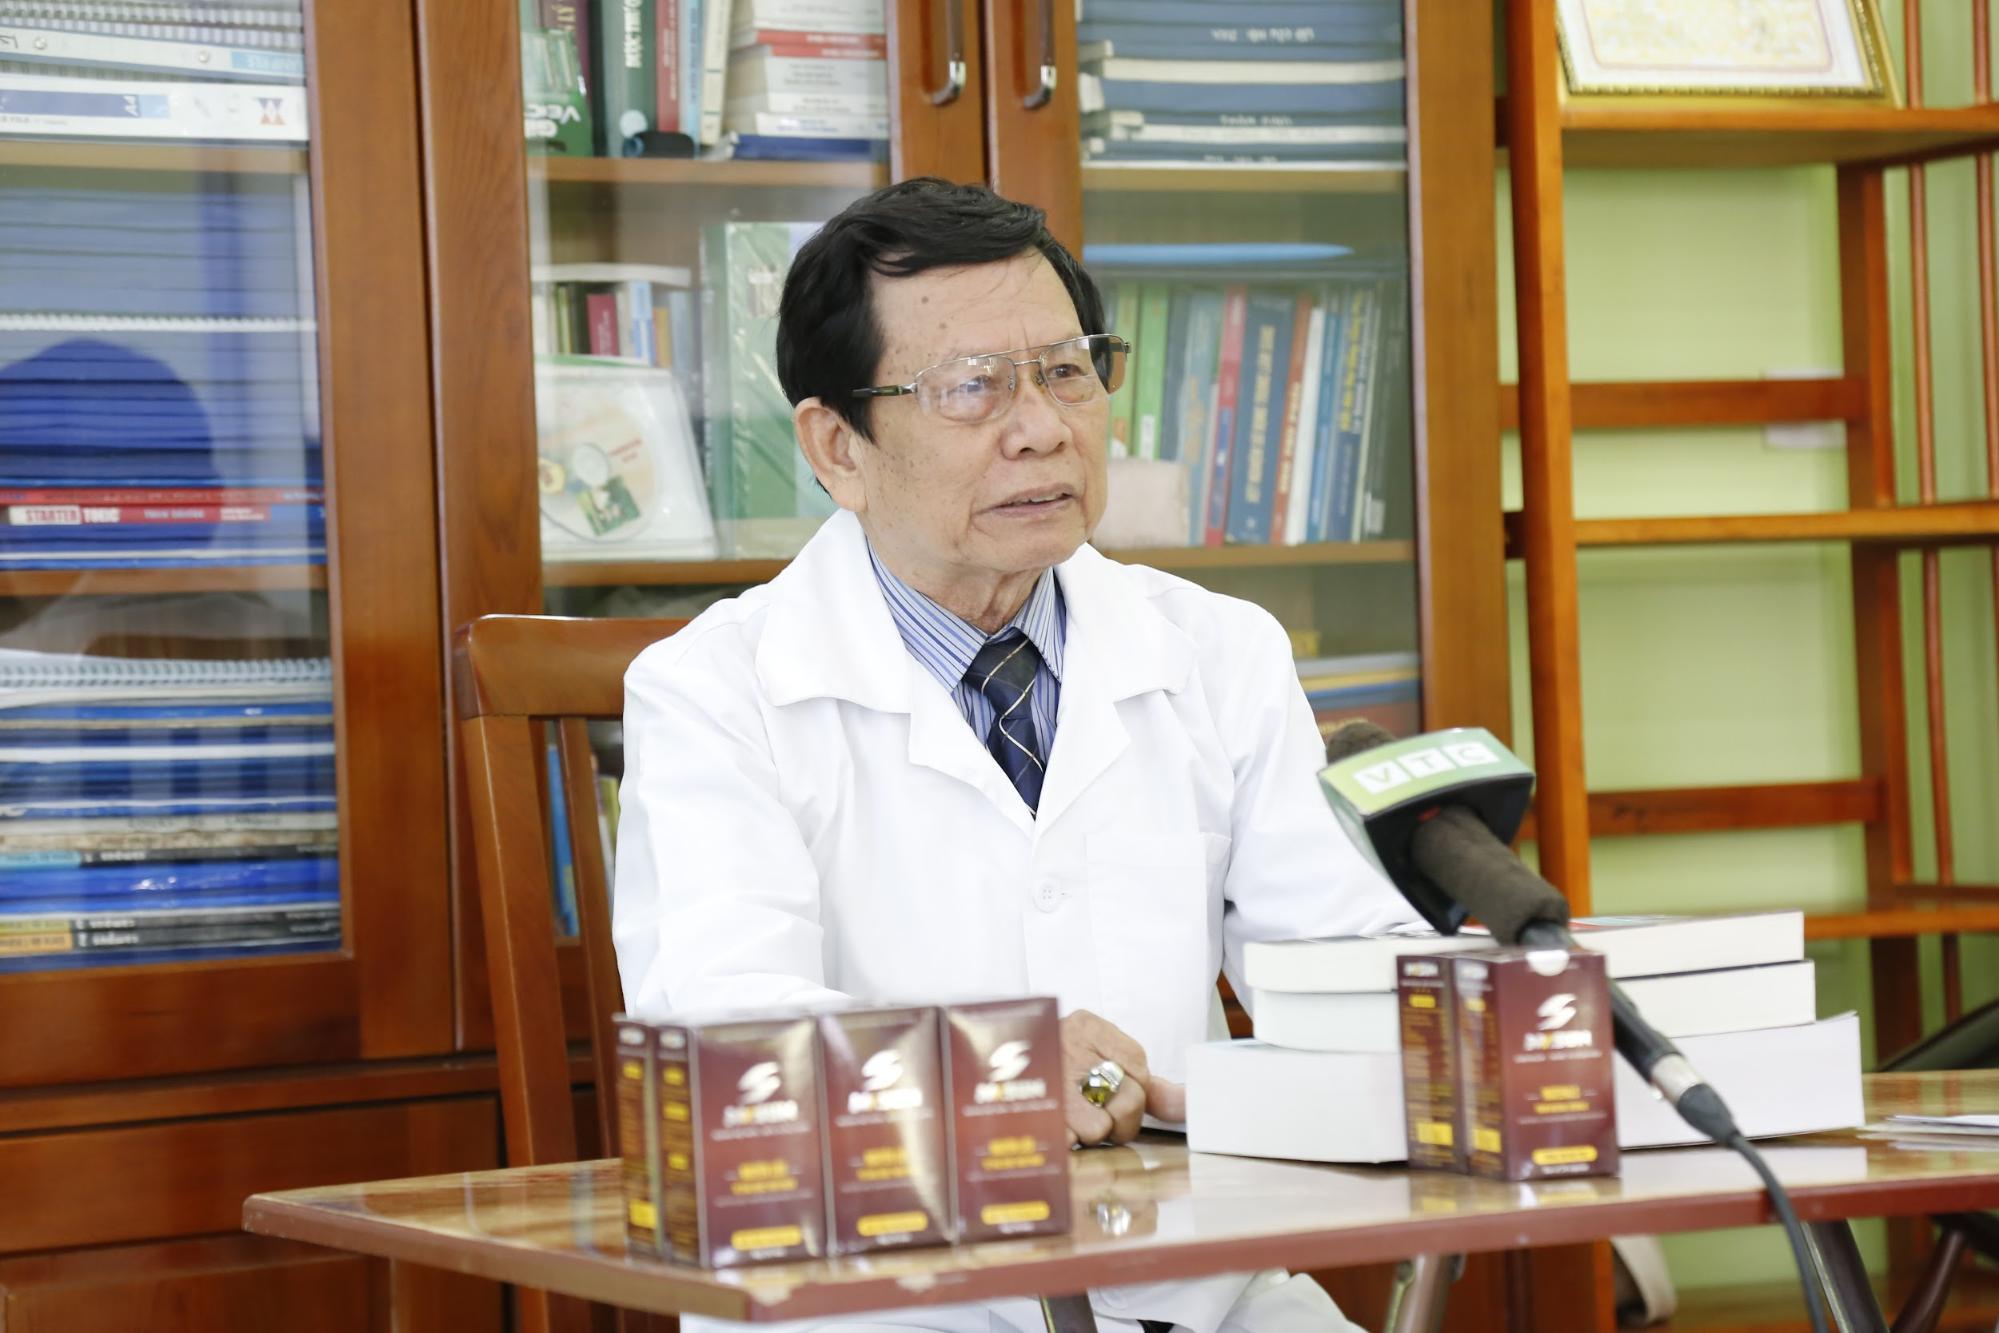 Mr Sun được bác sĩ - thầy thuốc ưu tú Phạm Hoà Lan khuyên dùng